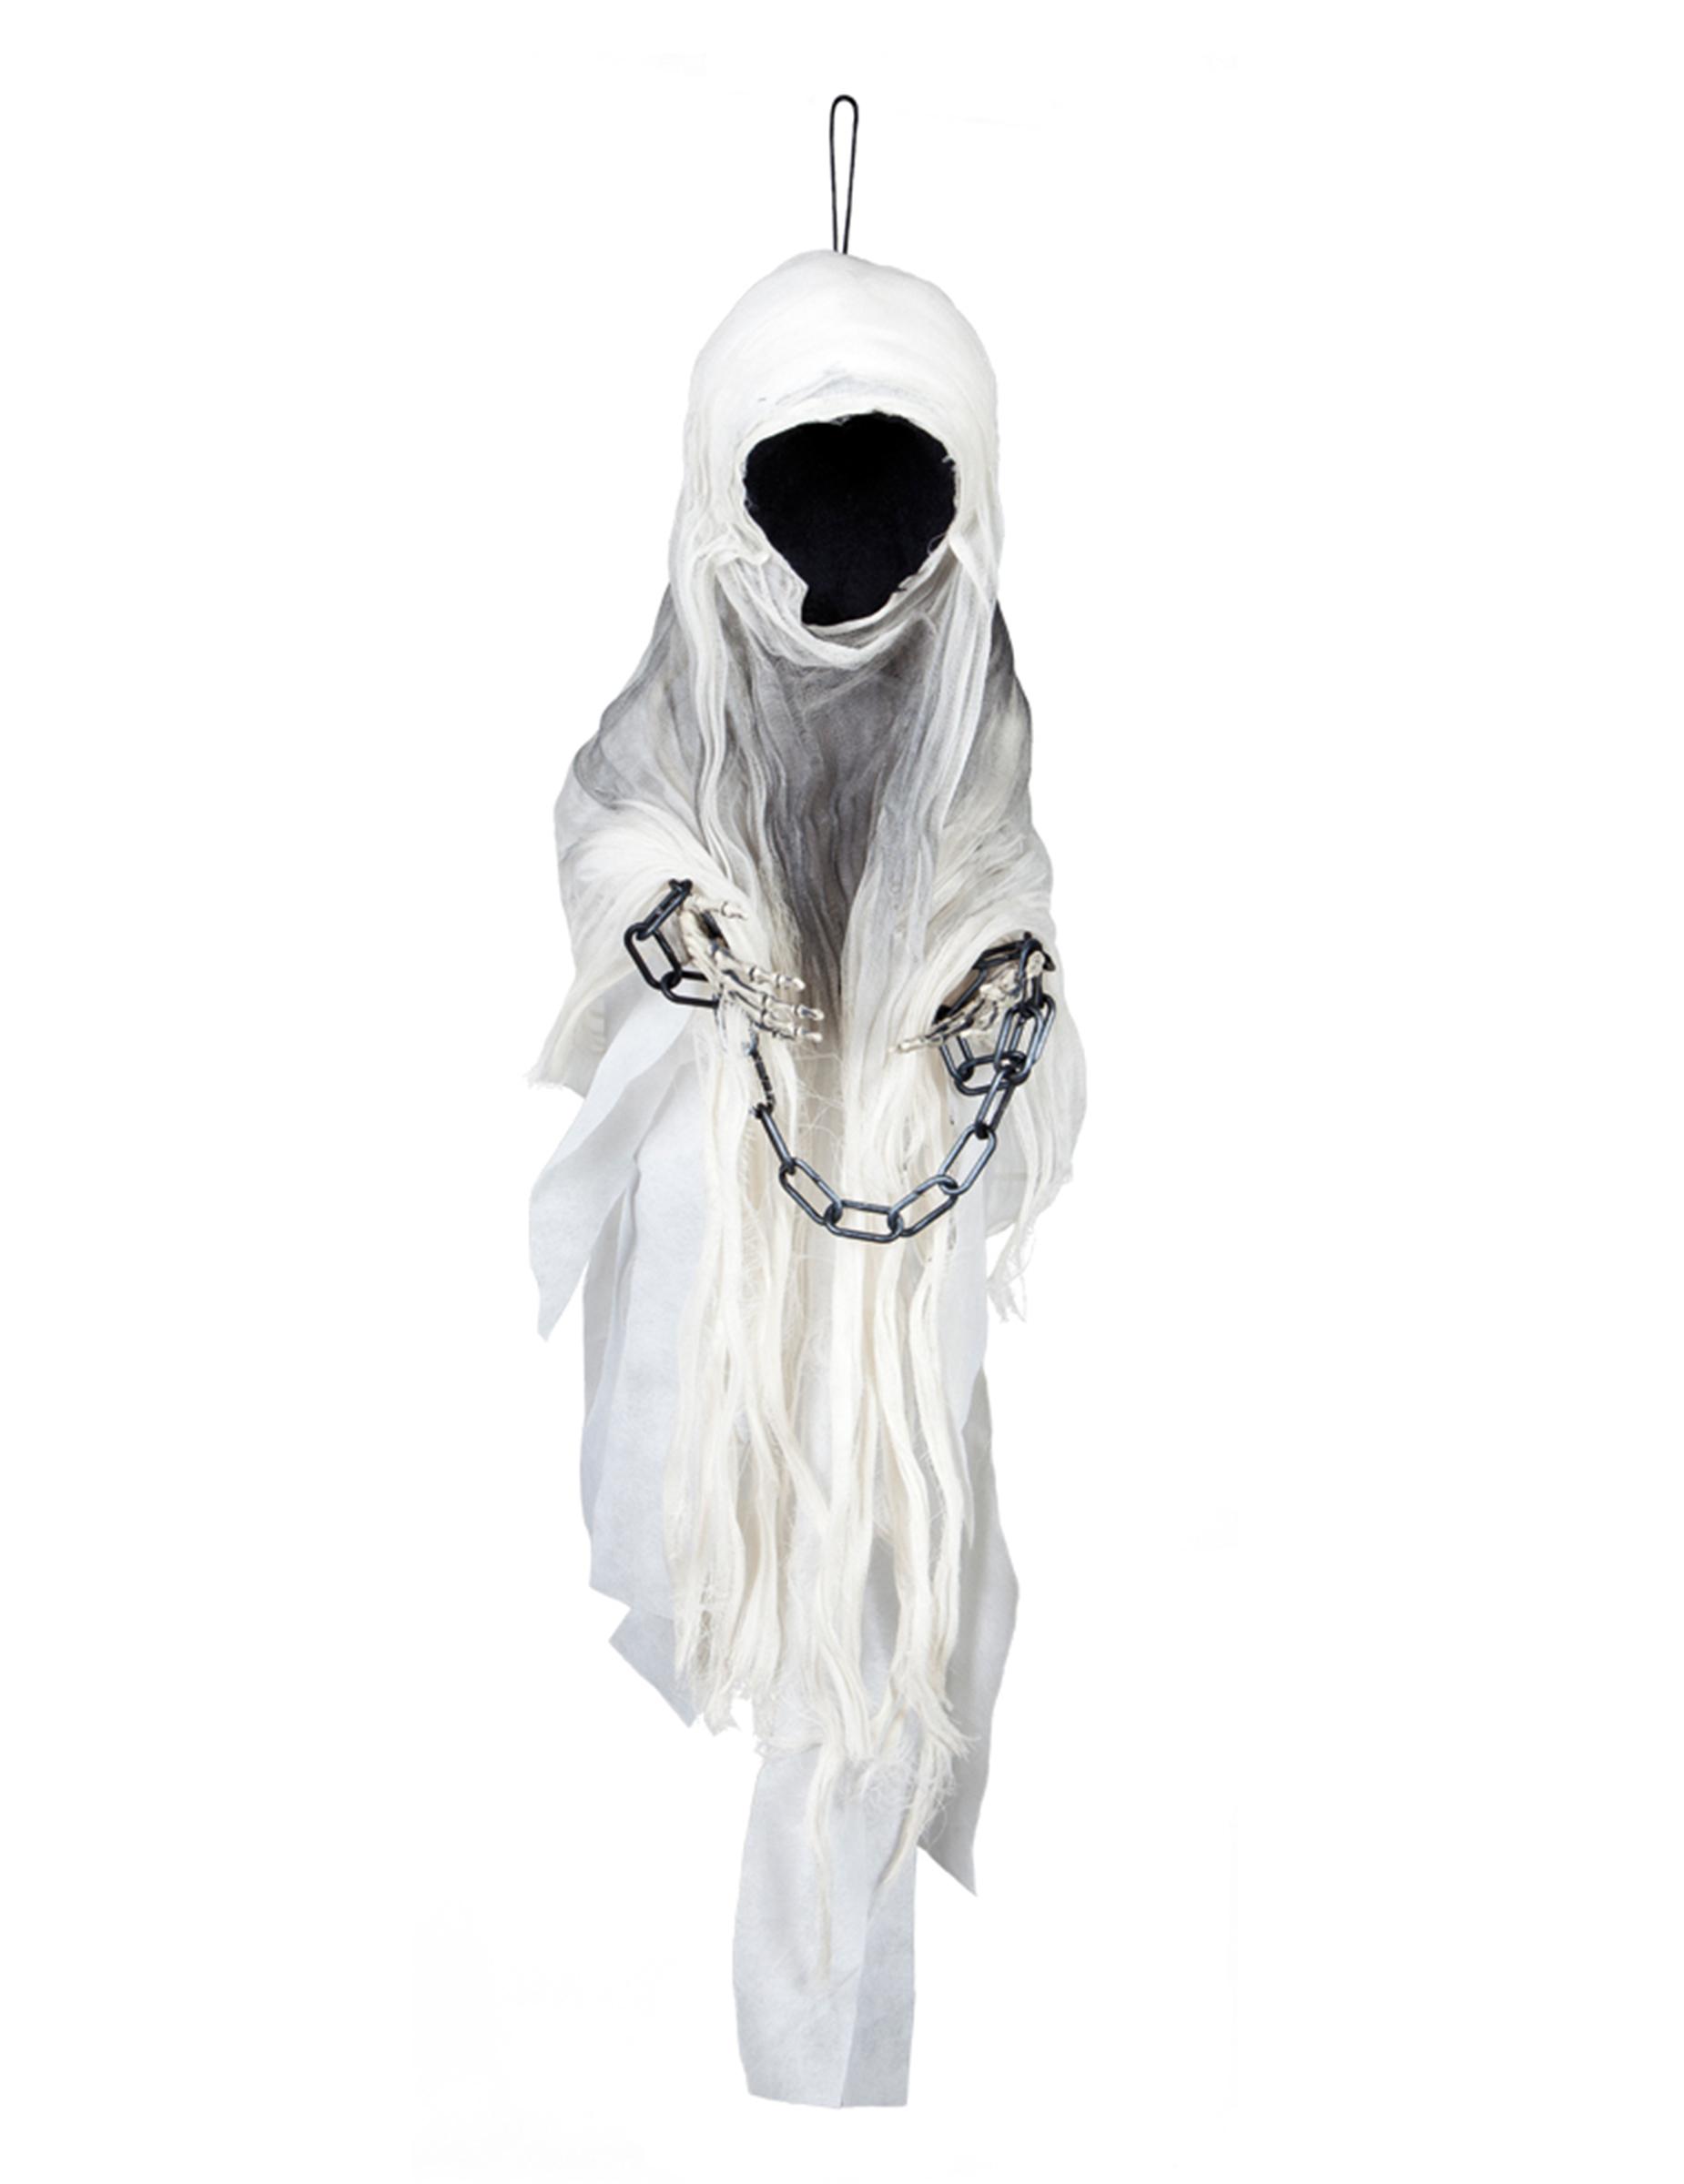 Gesichtsloser Geist Halloween Deko Weiss Schwarz 100cm Gunstige Halloween Partydeko Bei Horrorklinik